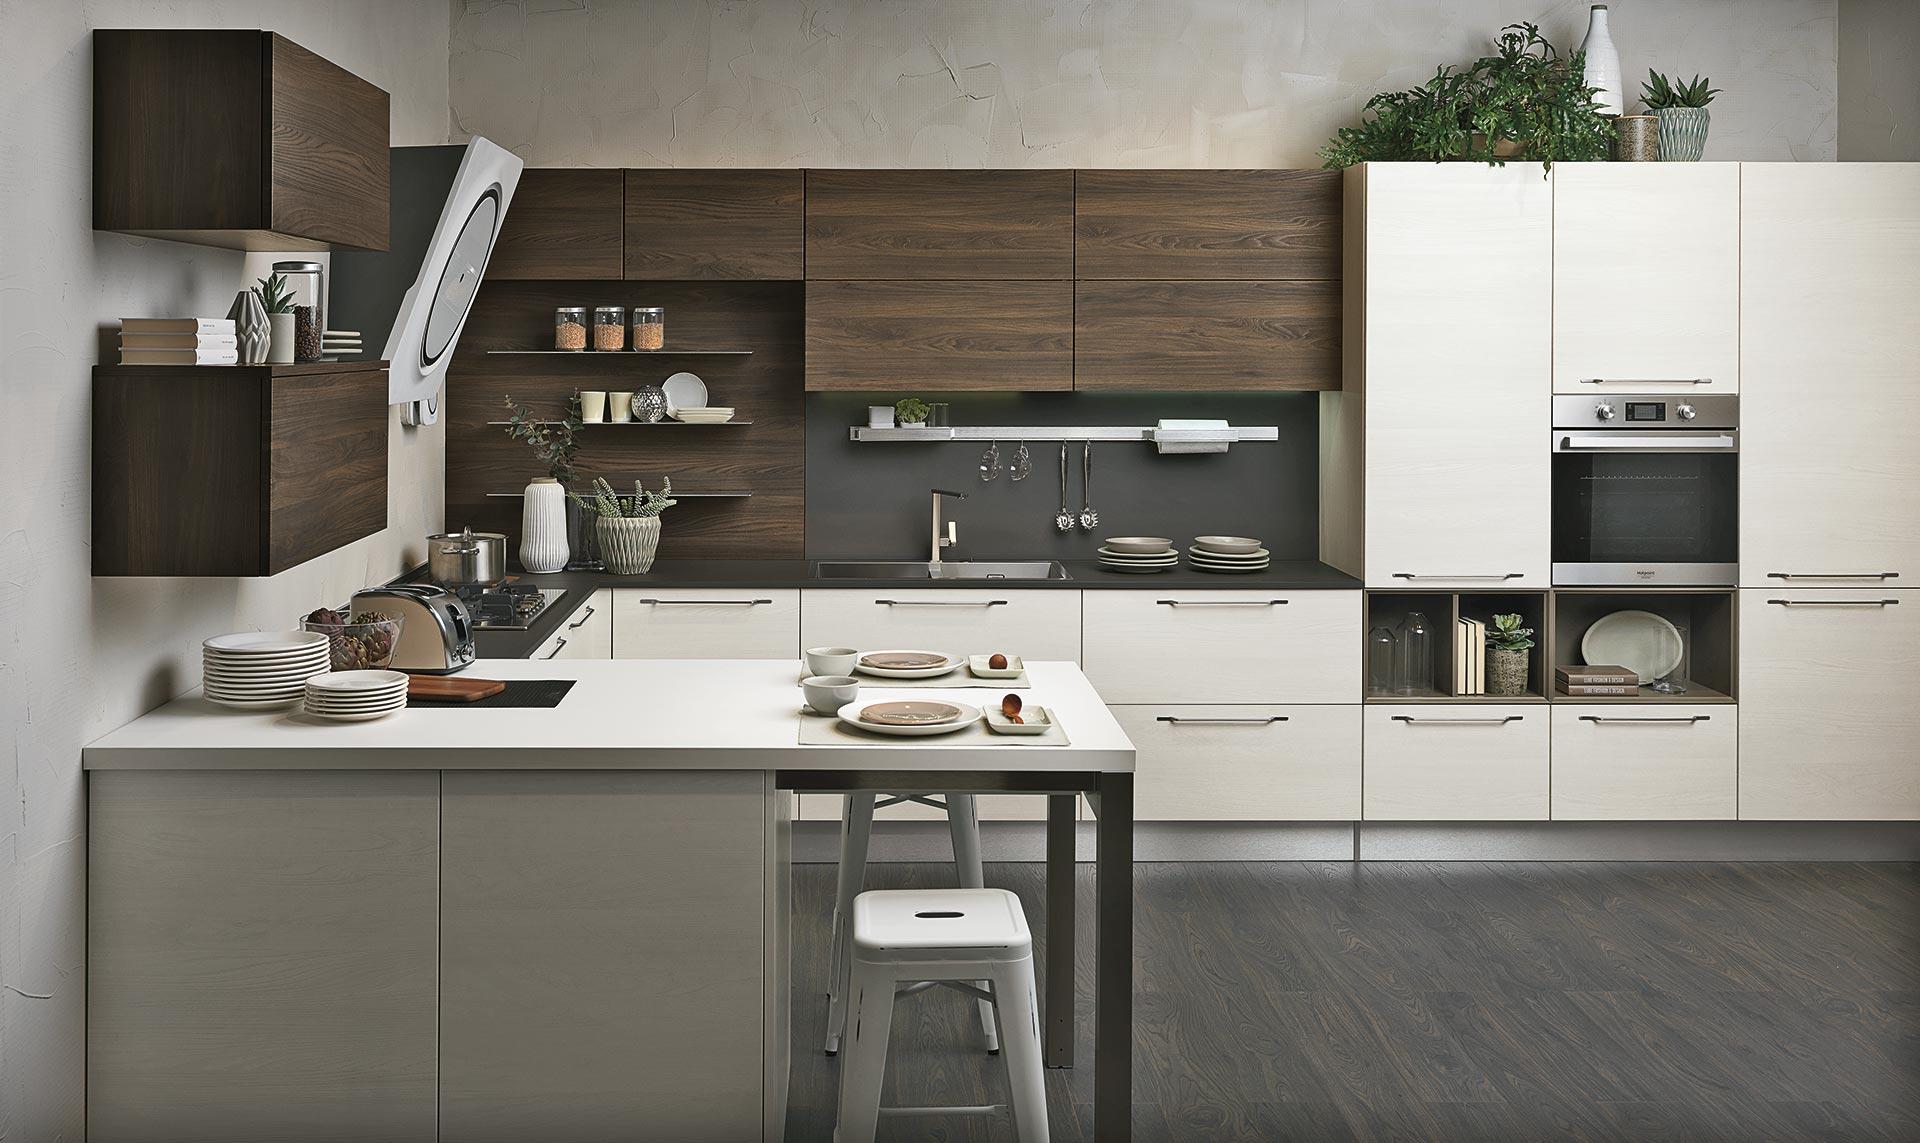 Noemi - Cucine Moderne - Scheda prodotto - Cucine Lube